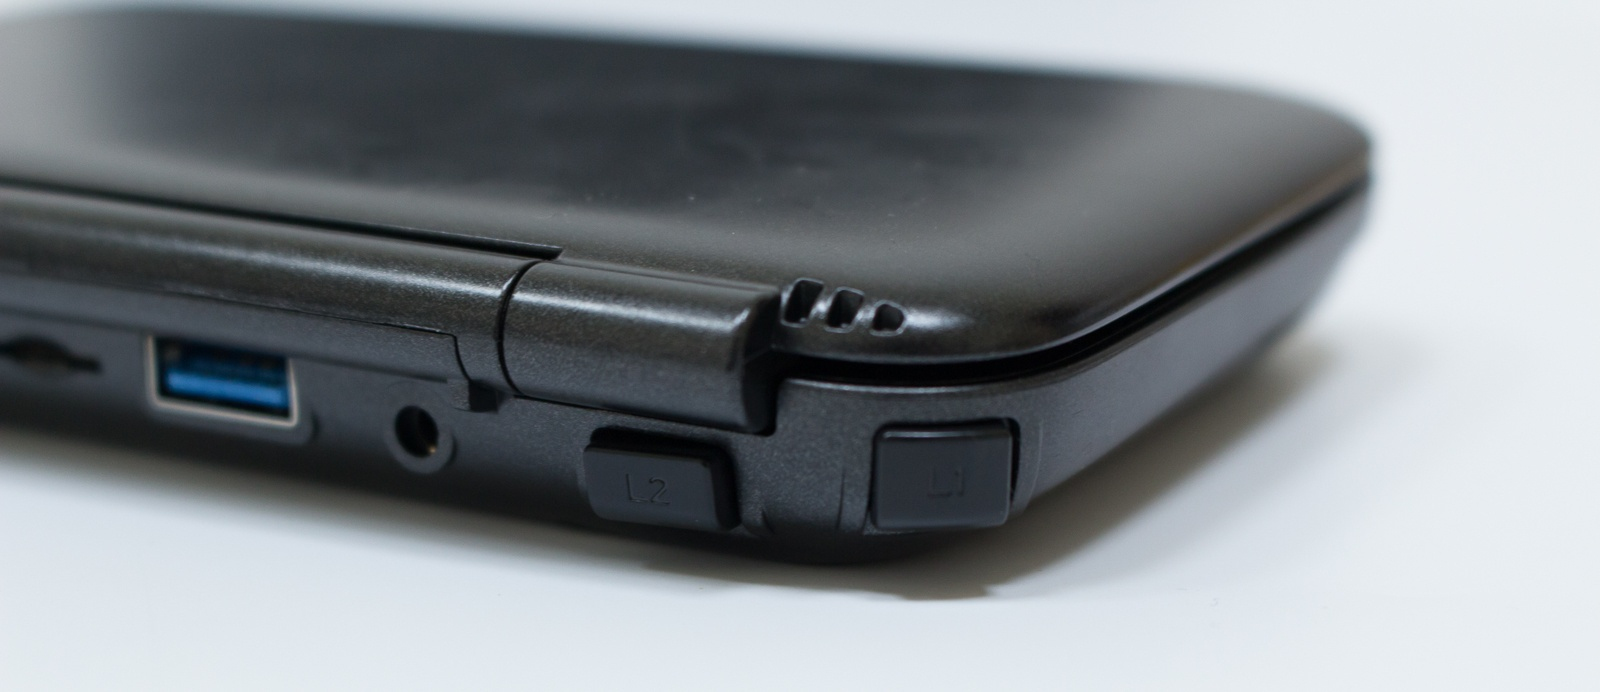 """GPD Win — исследуем миниатюрный ноутбук с диагональю 5.5"""", предназначенный для игр и эмуляторов - 19"""